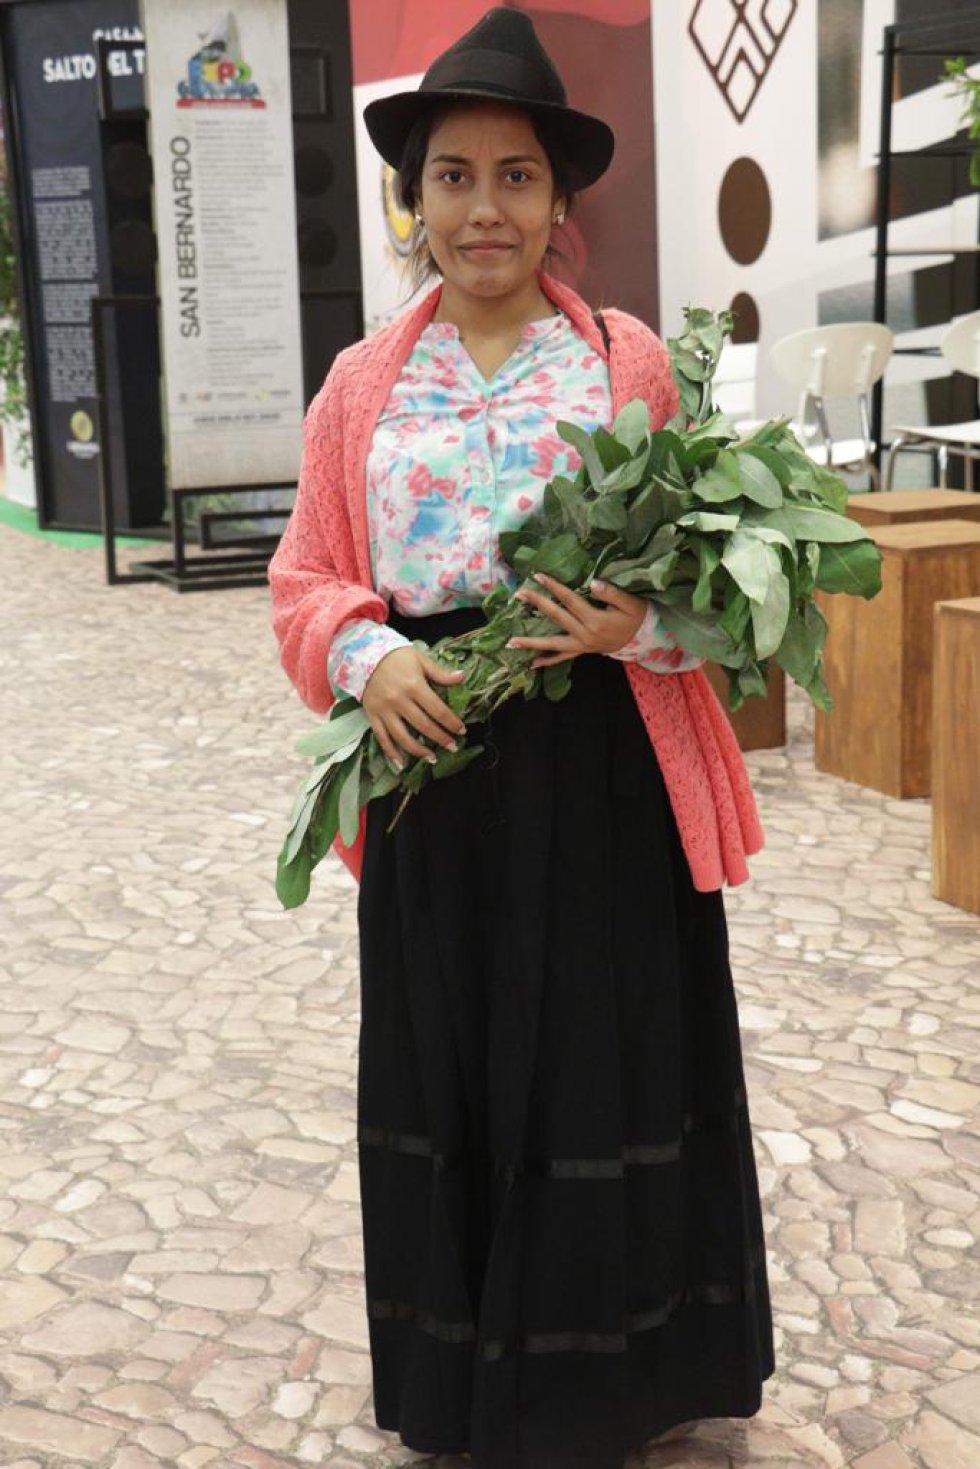 Vea algunas imágenes del primer día de ExpoCundinamarca: exposiciones, sabores, colores y planes del primer departamento del país.